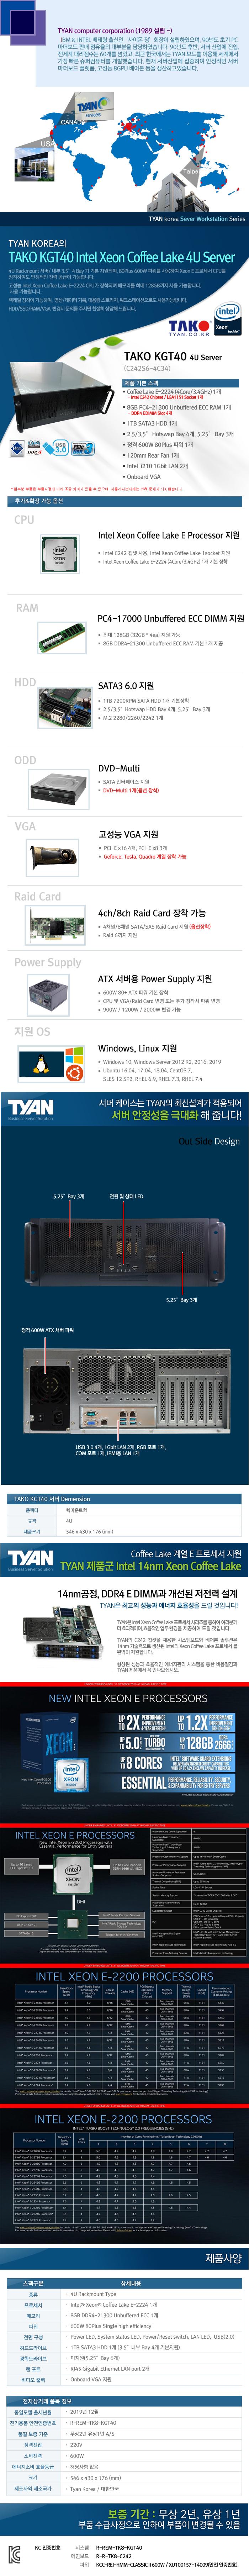 TYAN TAKO-KGT40-(C242S6-4C34) (8GB, 1TB)